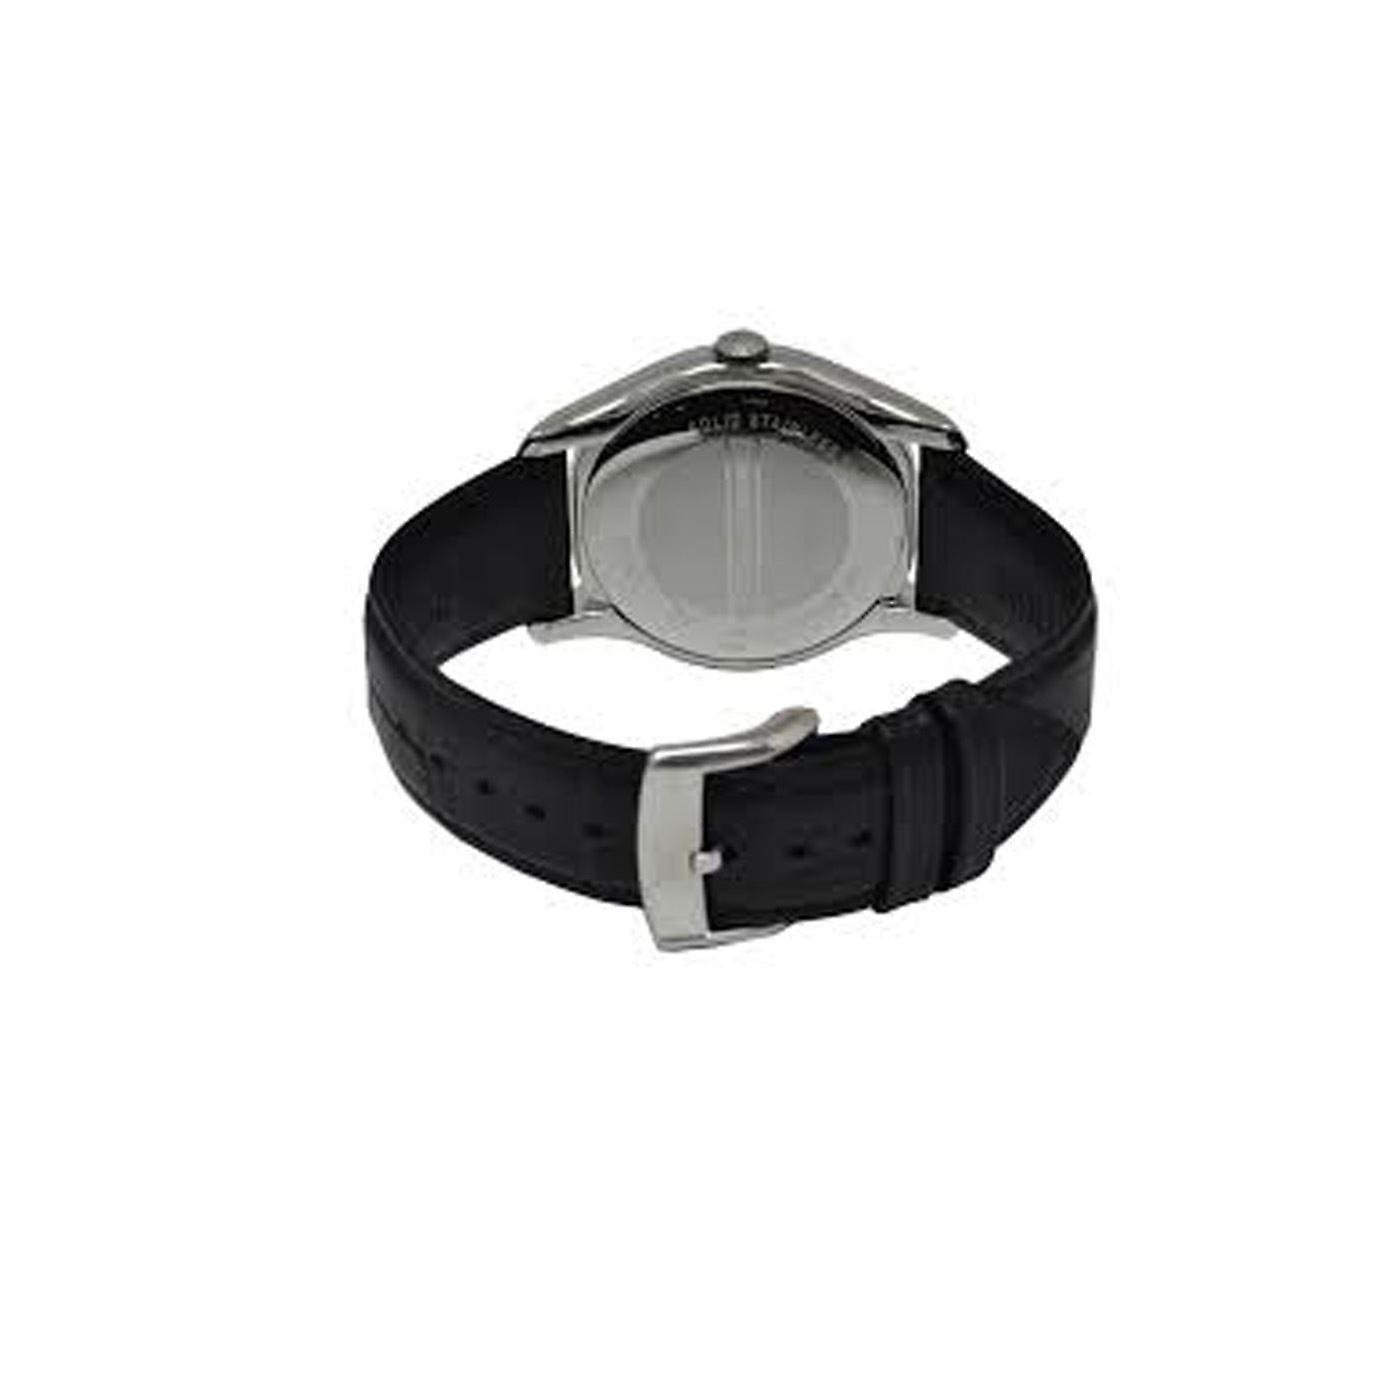 エンポリオ アルマーニ腕時計 AR1708 ブラック シルバー